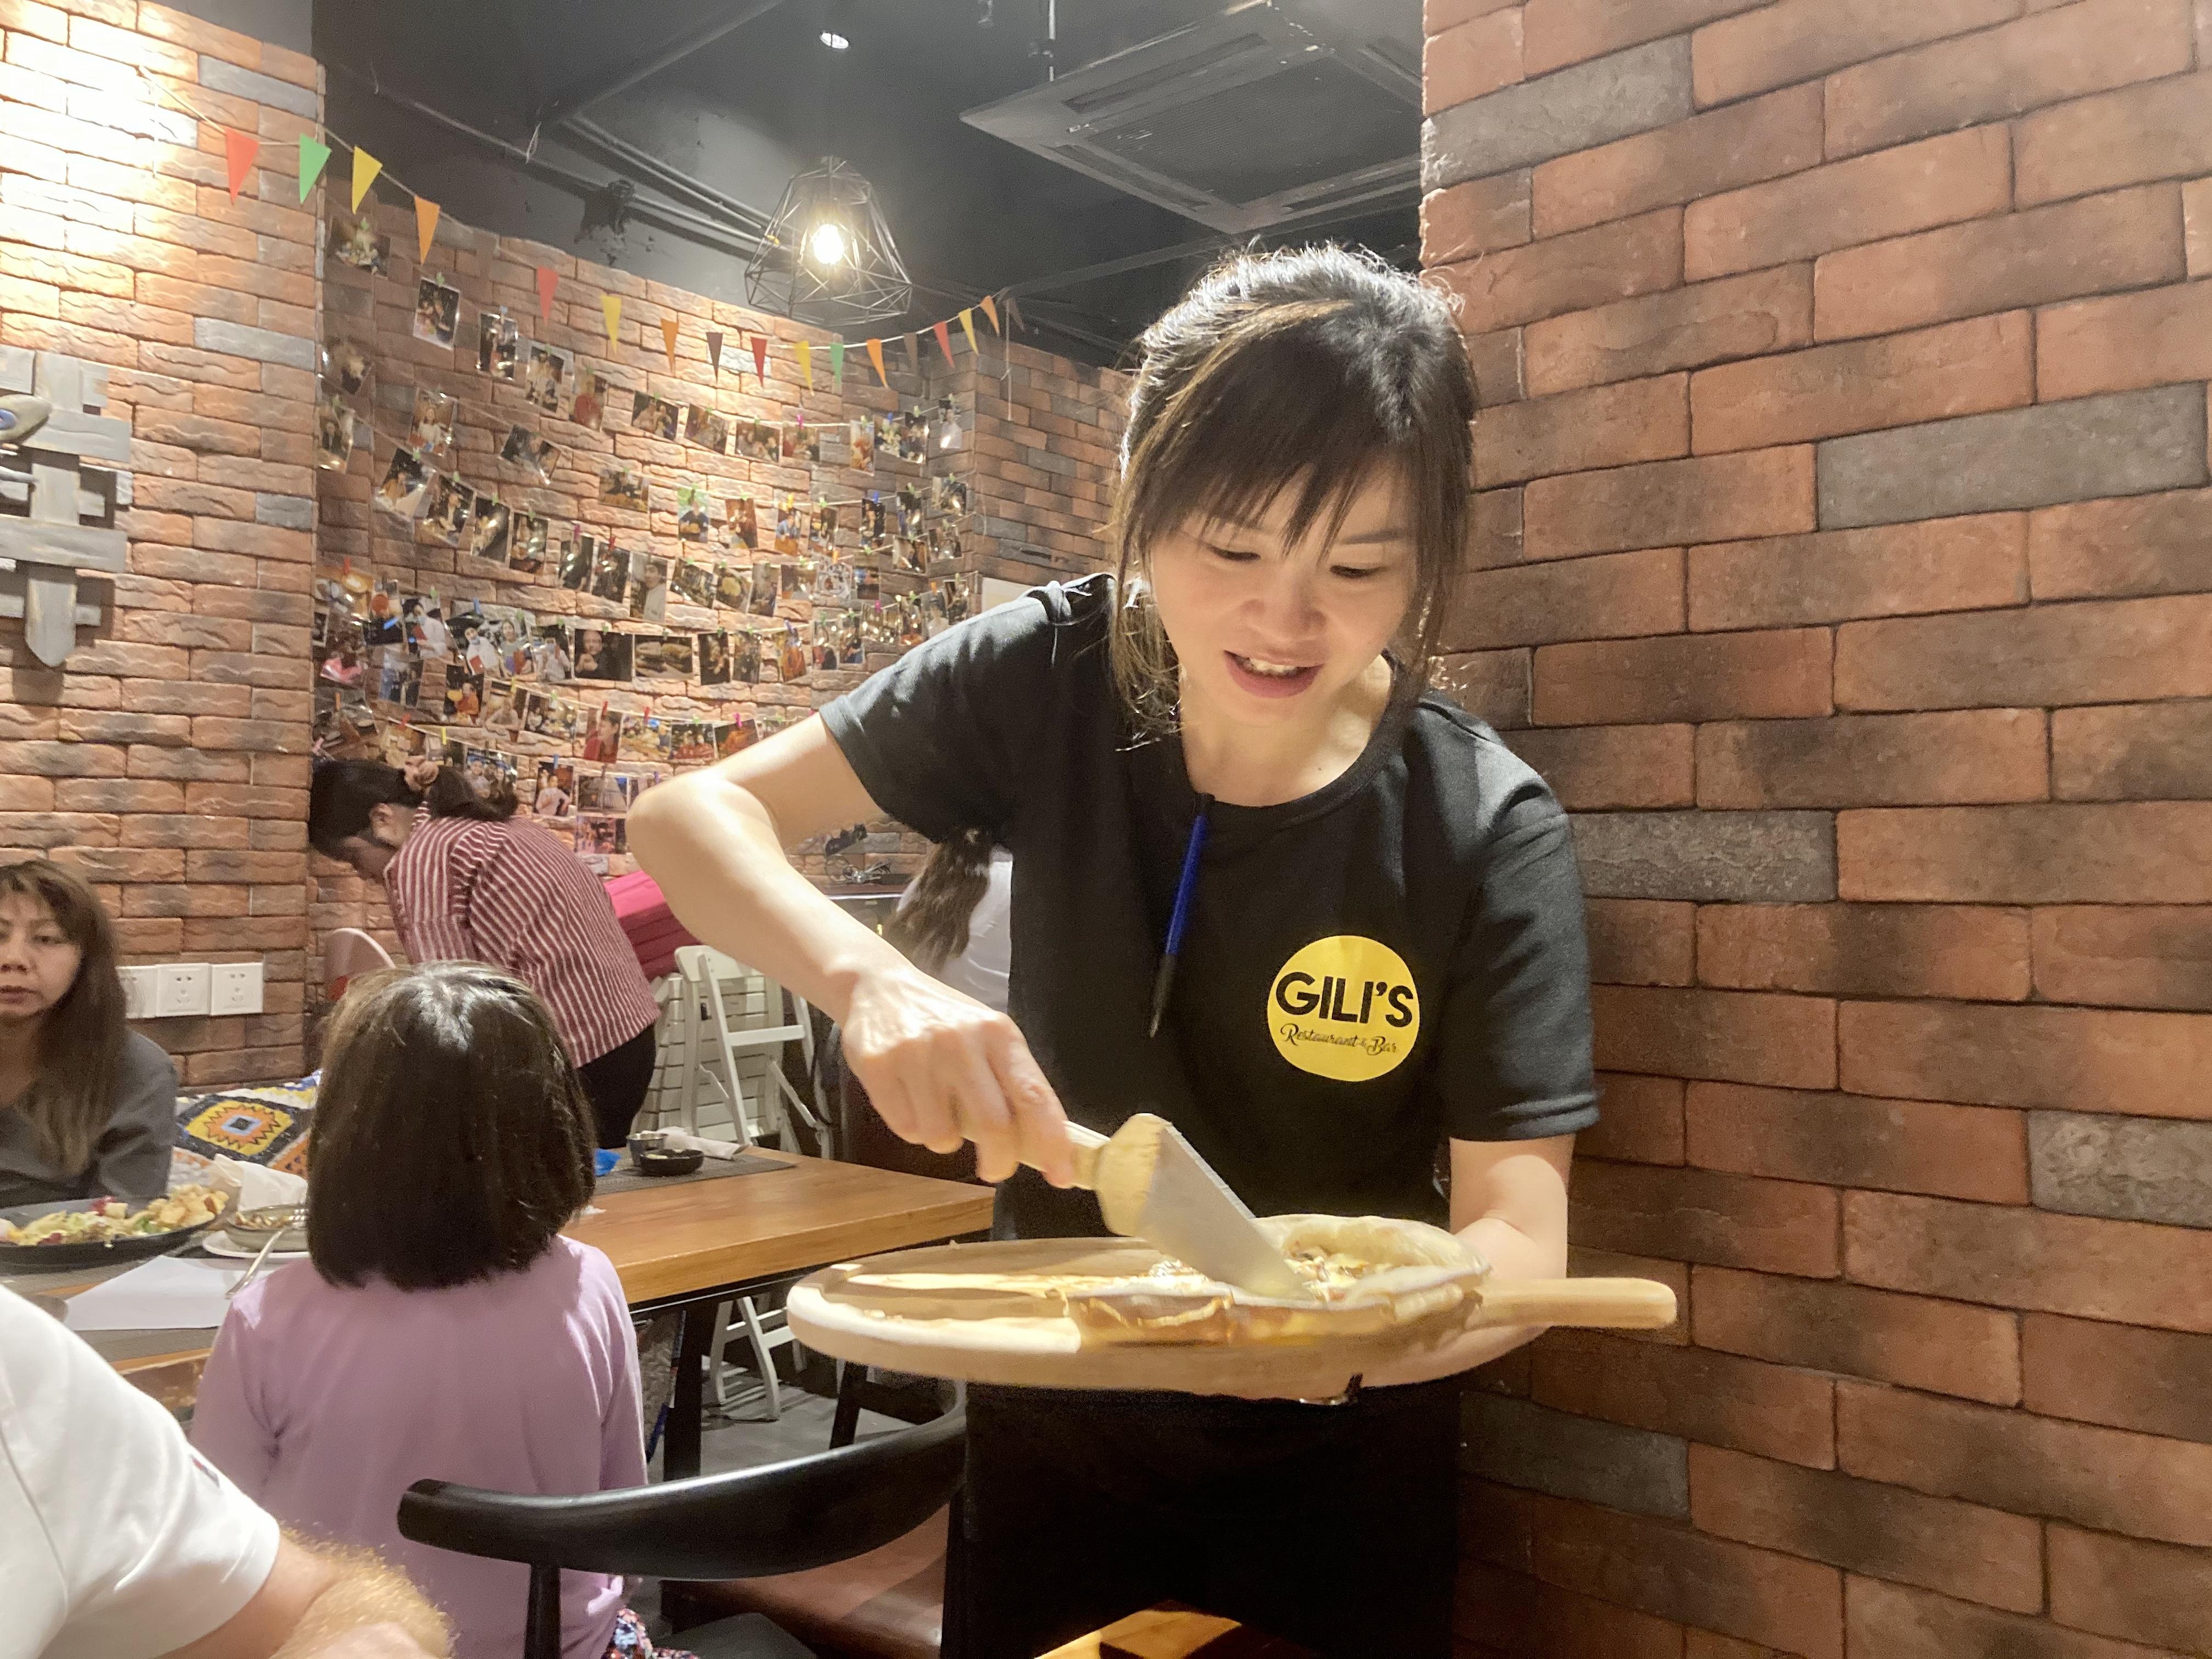 Sorriso, simpatia, empatia são engredientes especiais, toques de Chef, que nos são trazidos a mesa junto da tão sonhada pizza.